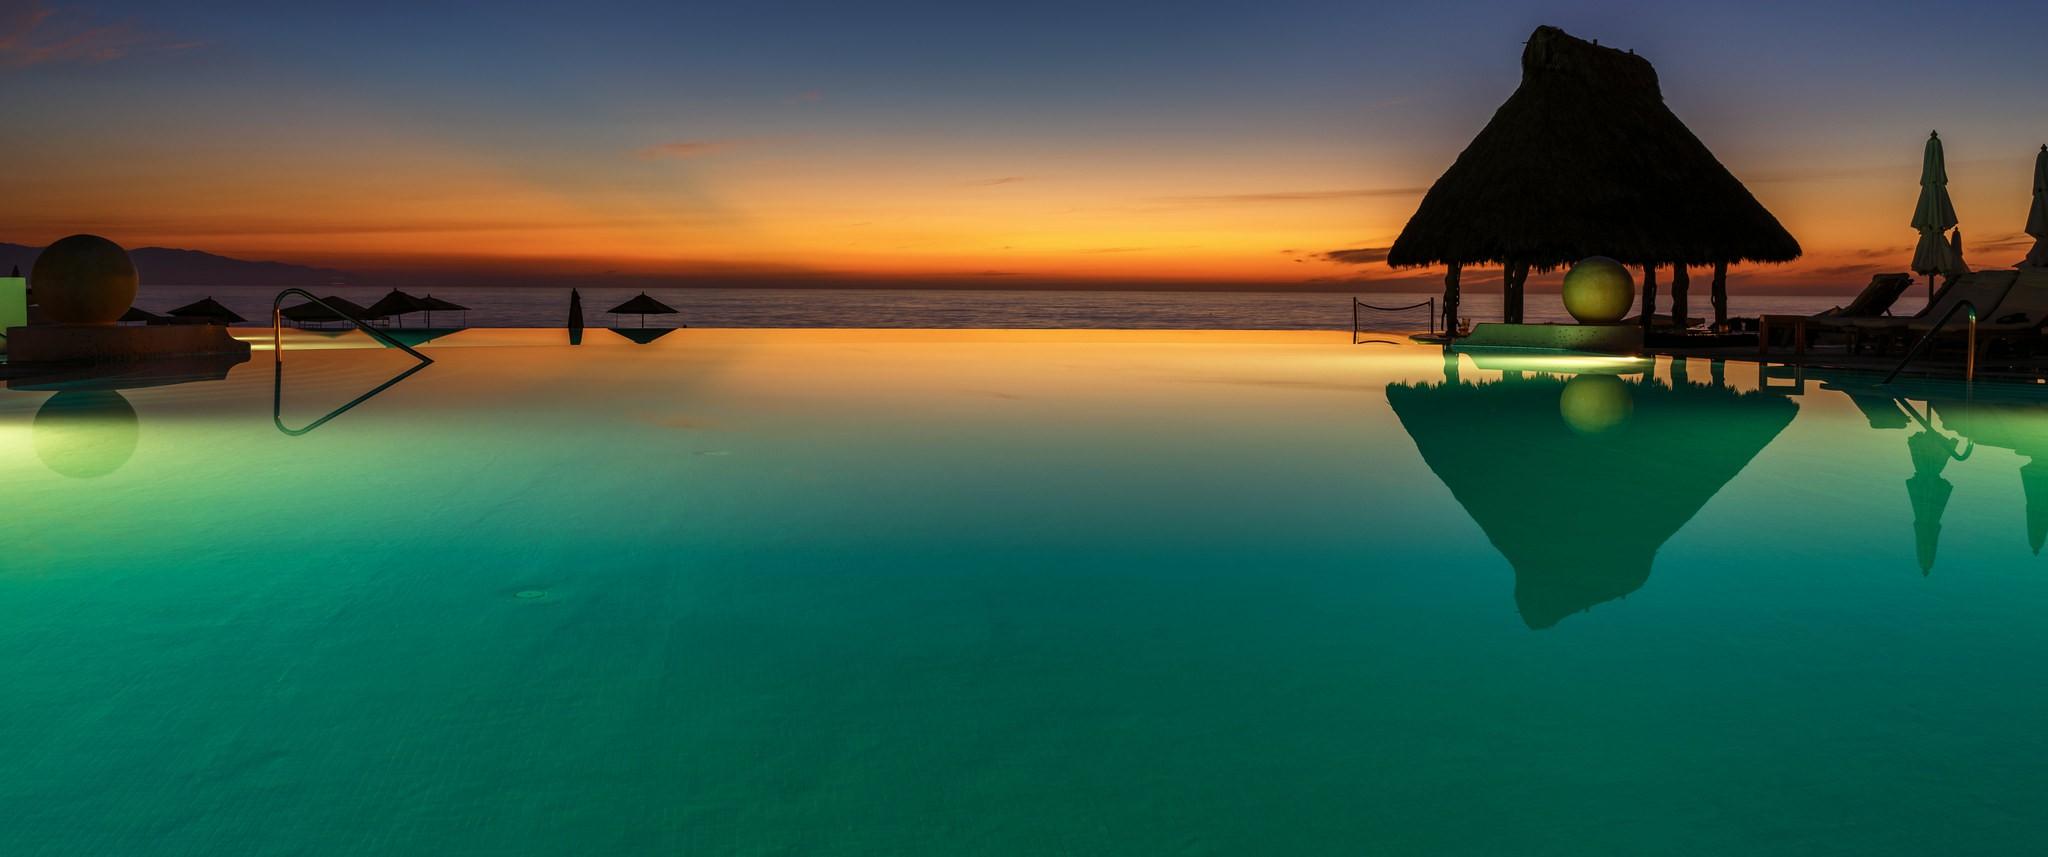 Grand Velas Riviera Nayarit, Puerto Vallarta   © Jeff Turner/Flickr